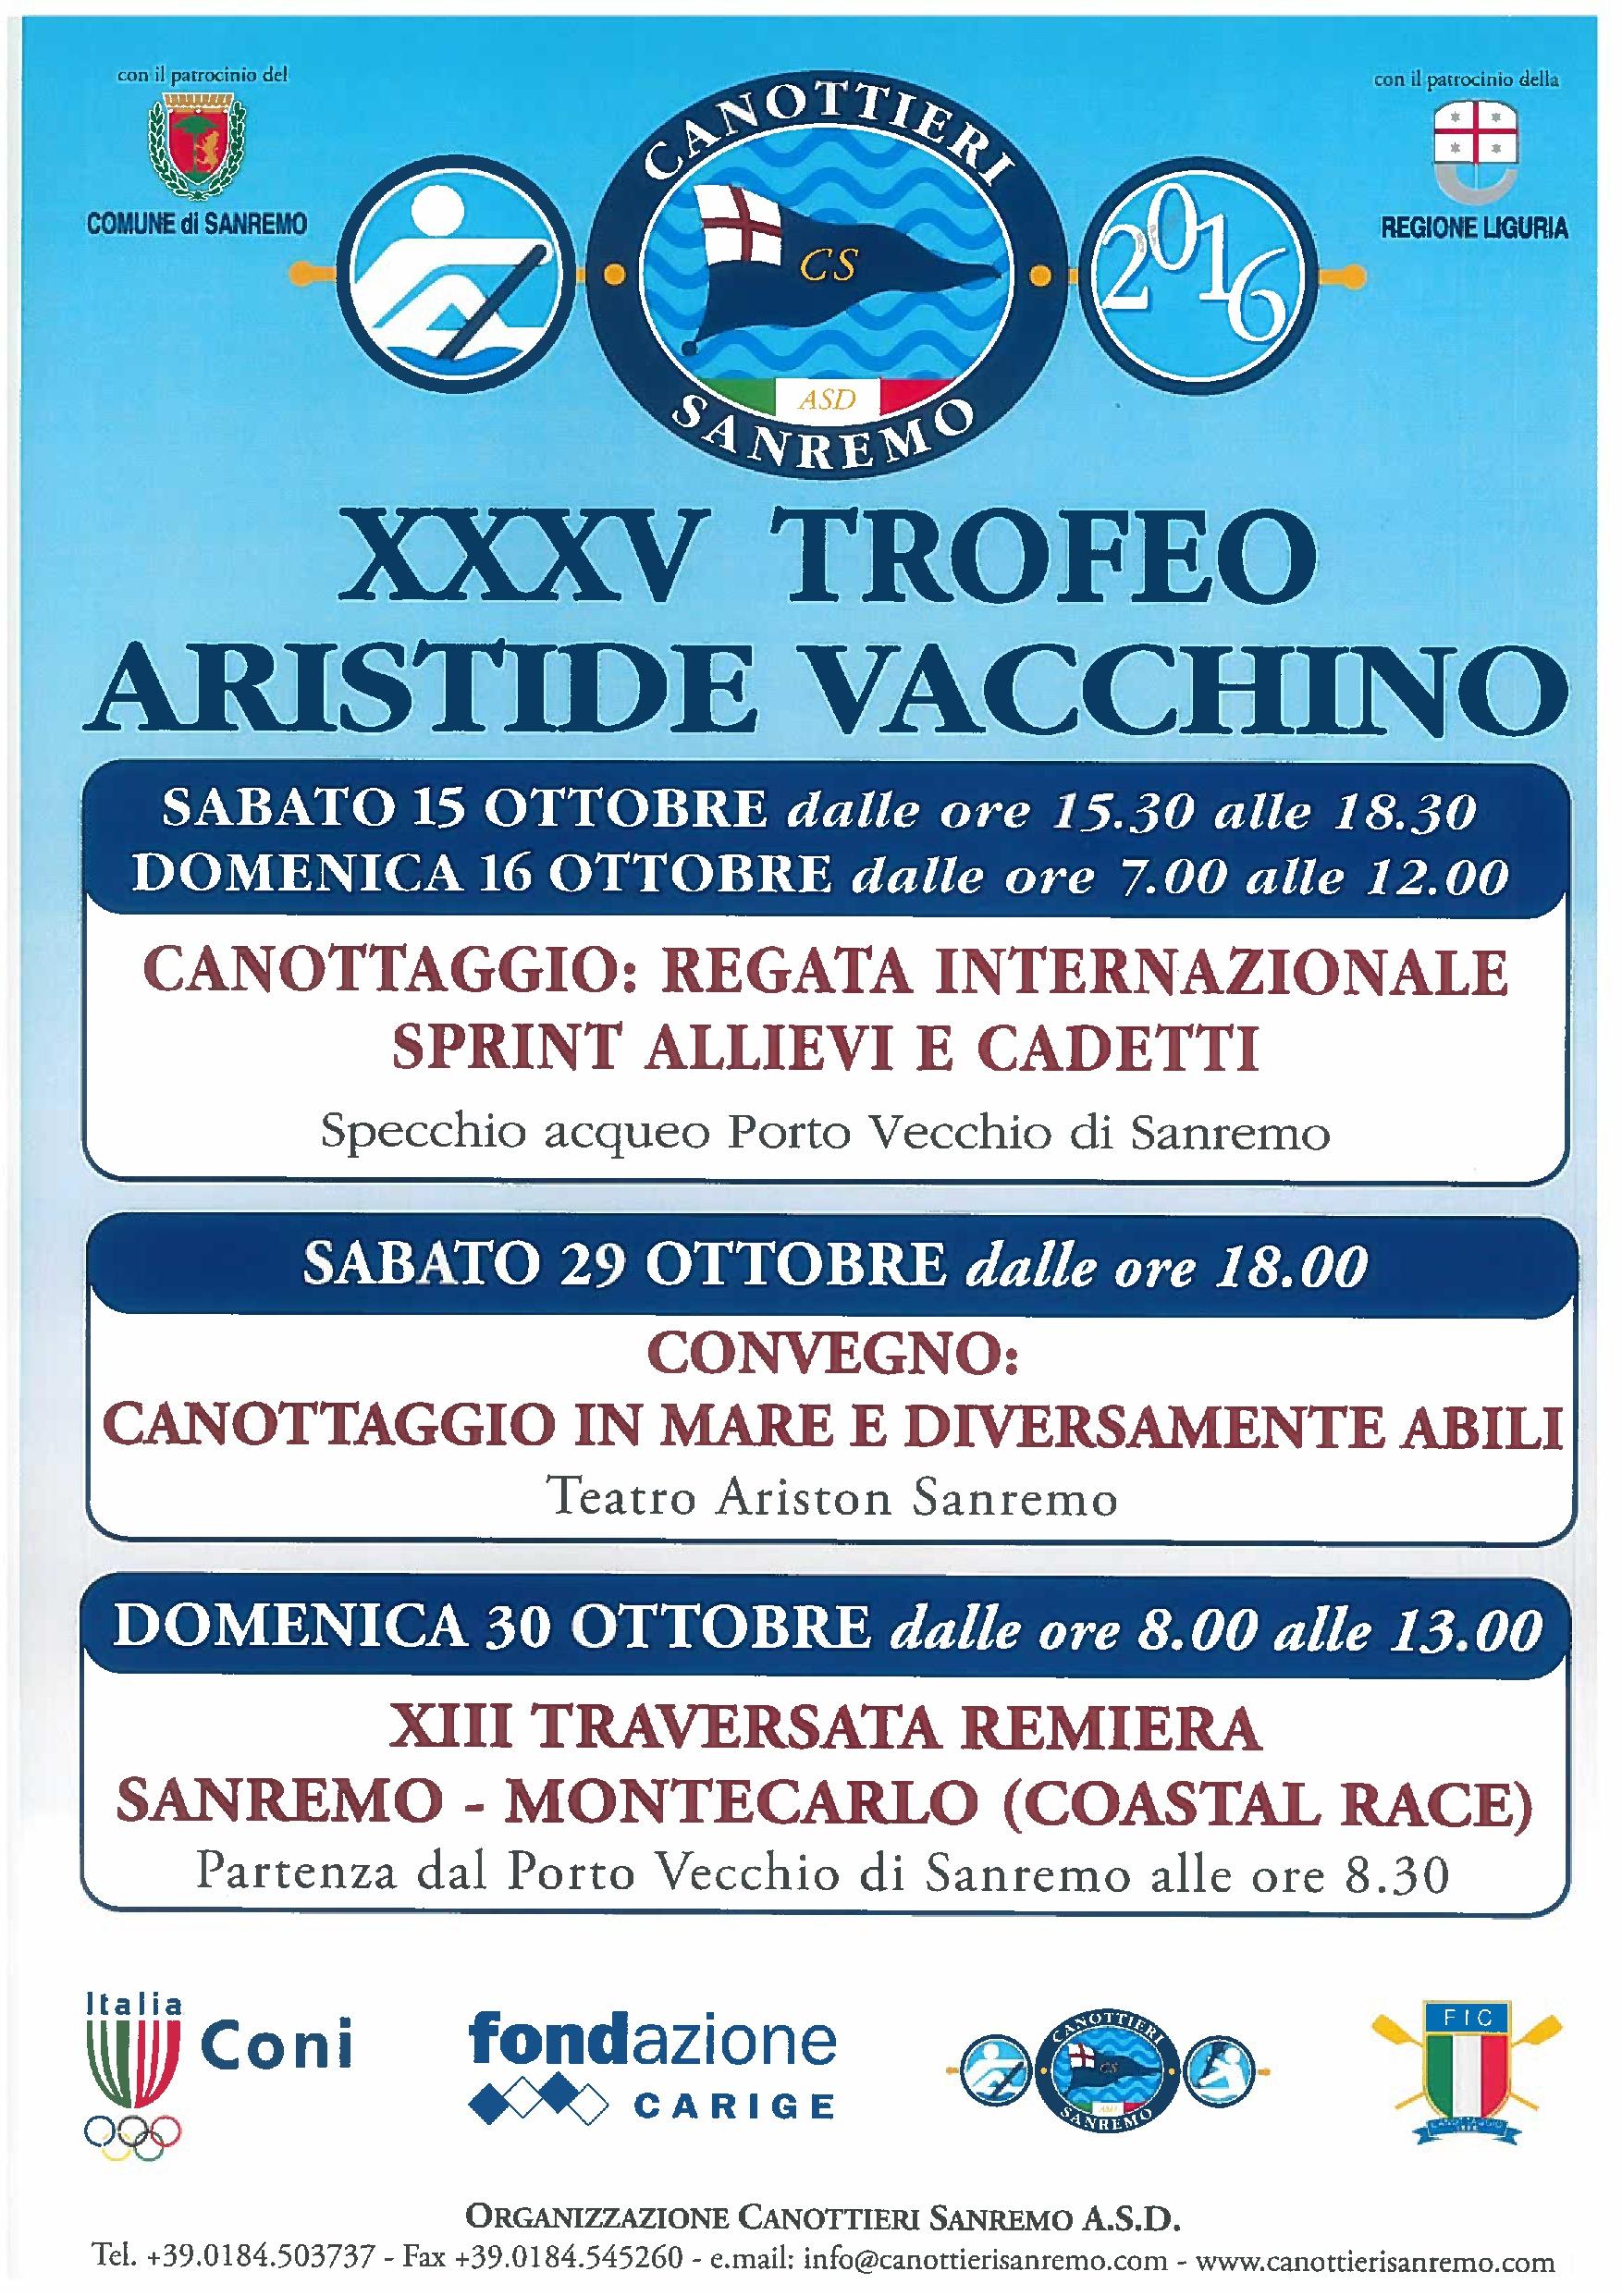 XXXV Trofeo Aristide Vacchino 2016